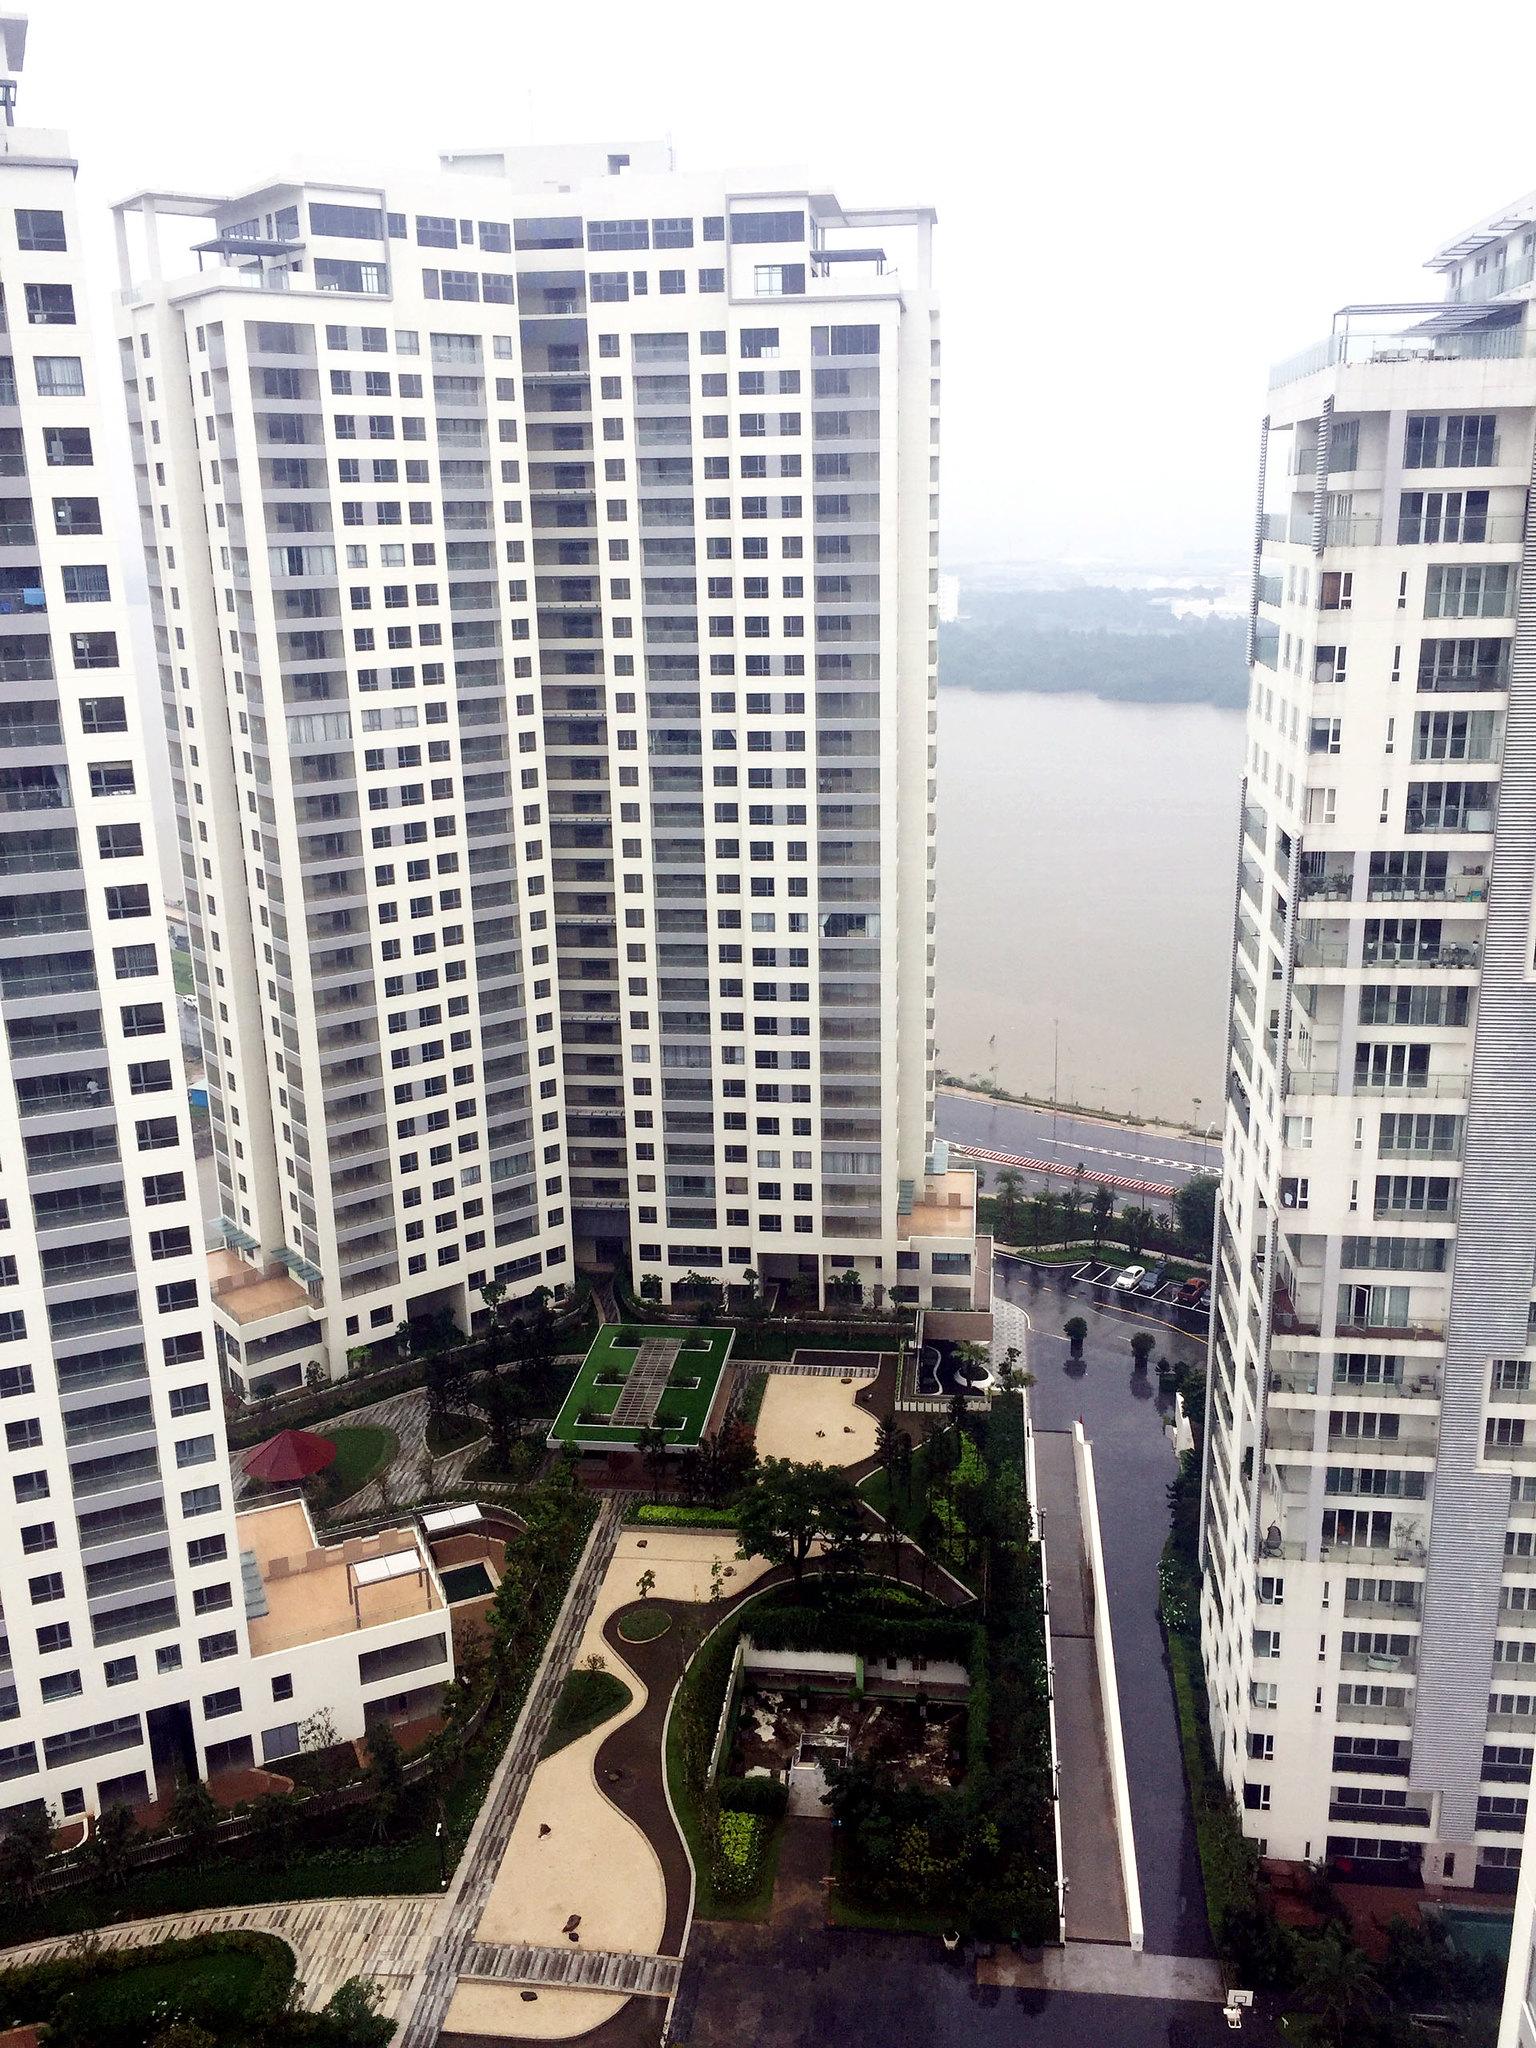 Và nhìn được 1 phần sông Sài Gòn